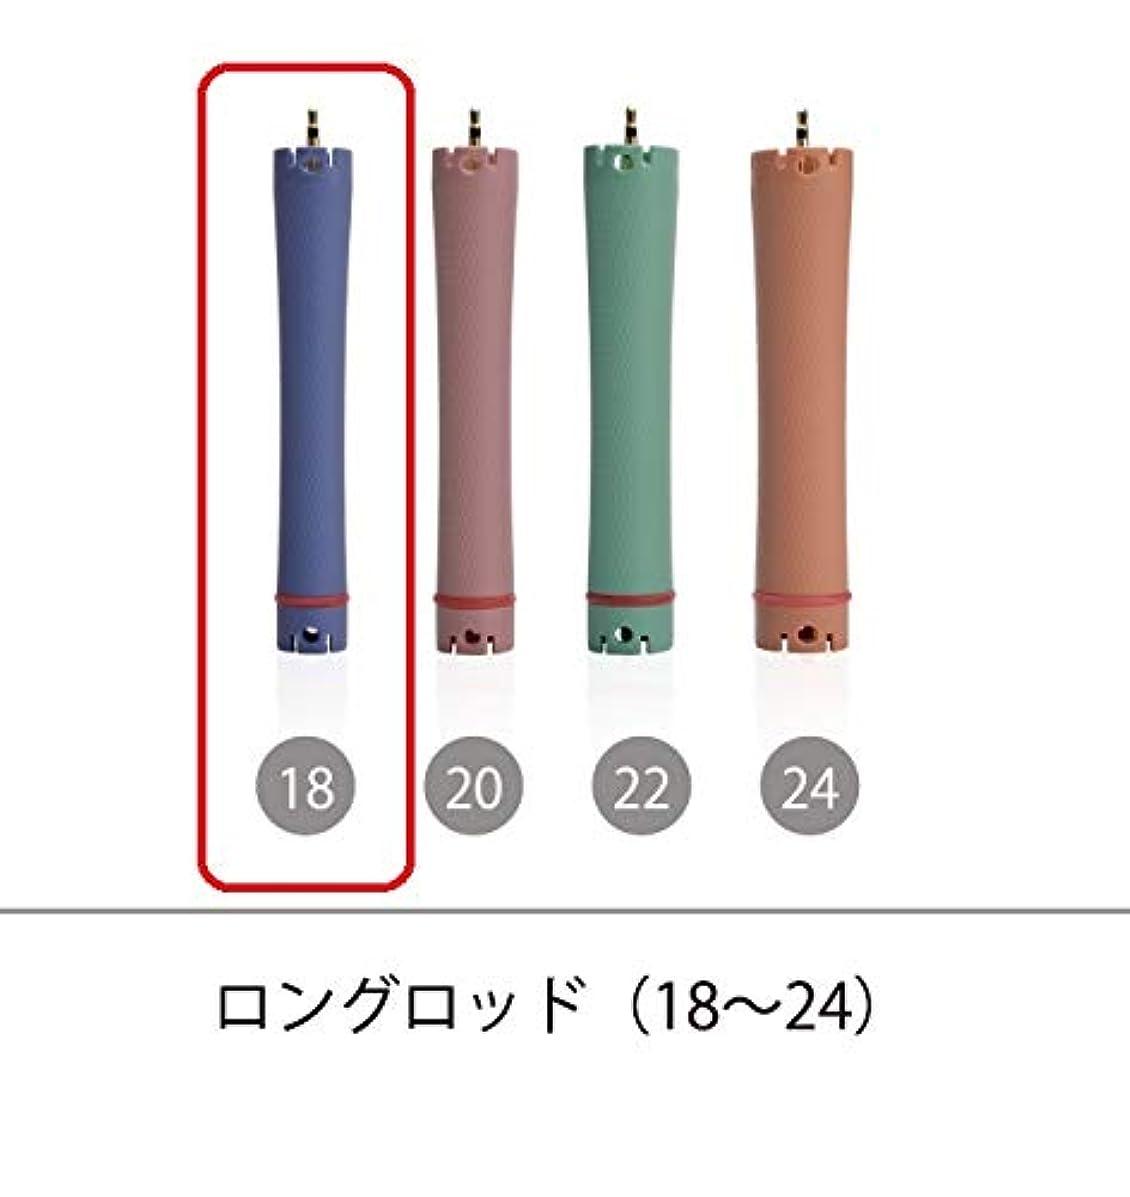 計画調べる誓約ソキウス 専用ロッド ロングロッド 18mm